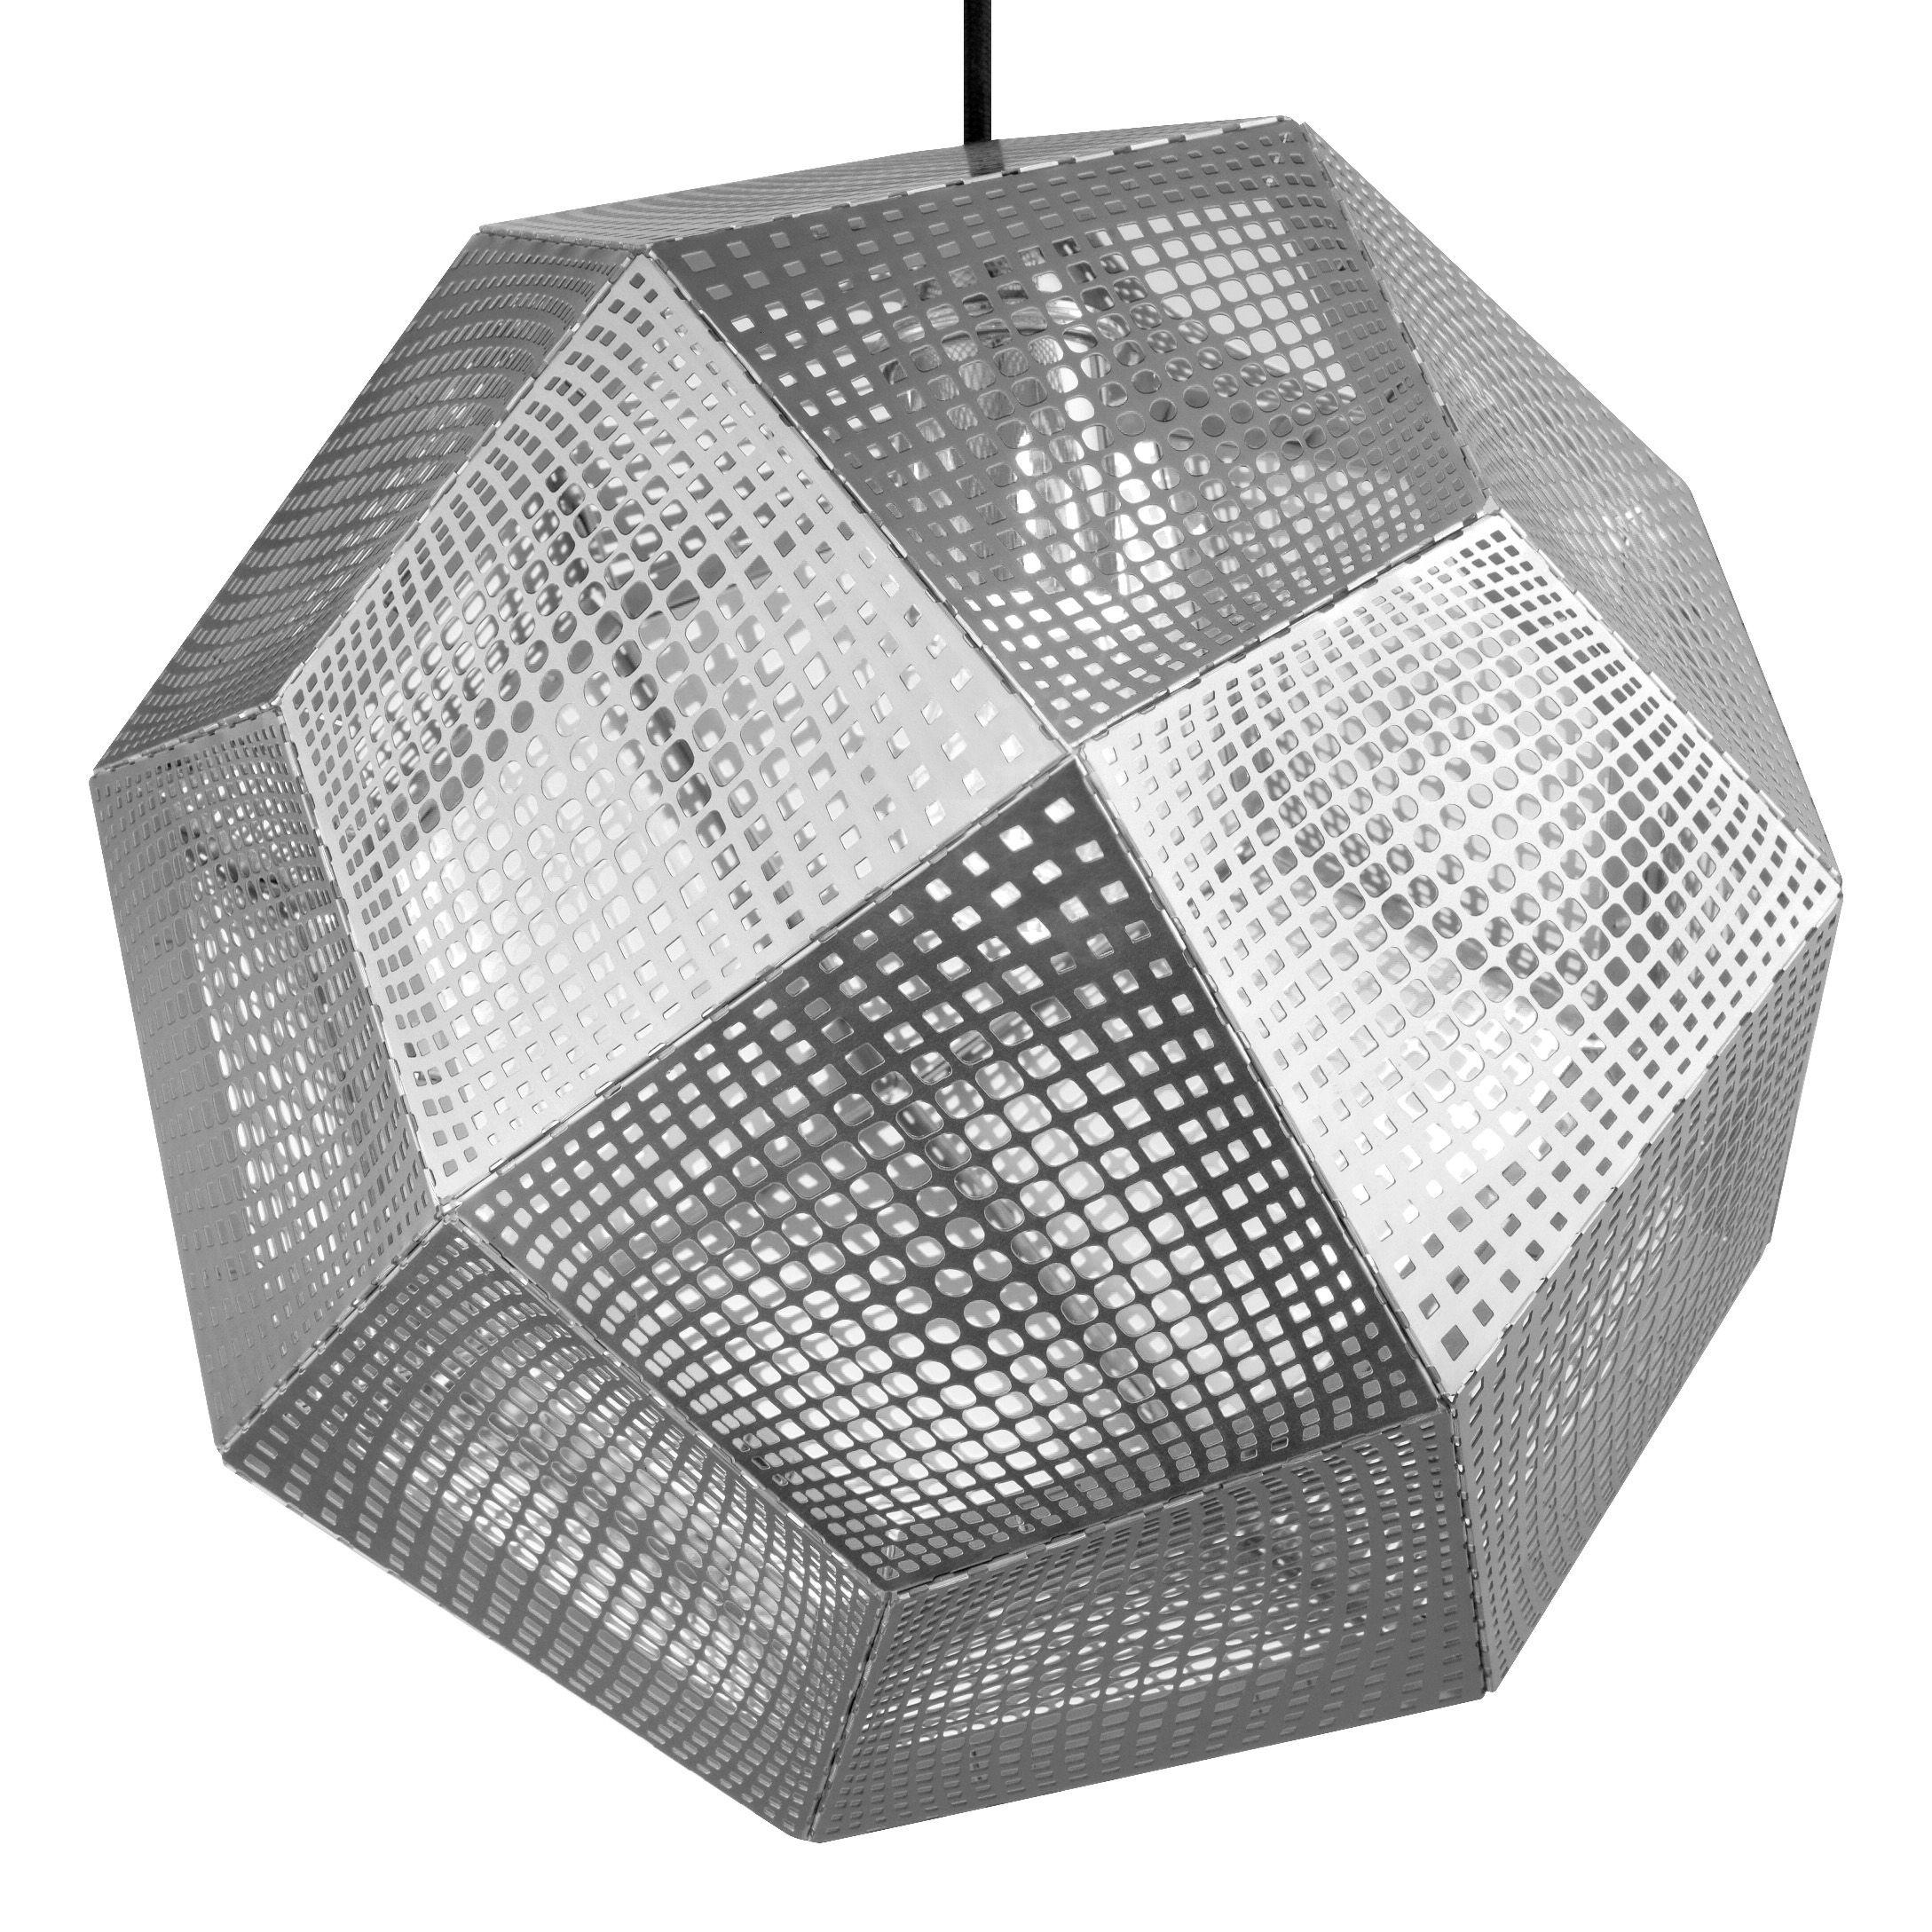 Leuchten - Pendelleuchten - Etch Shade Pendelleuchte - Tom Dixon - Edelstahl - rostfreier Stahl